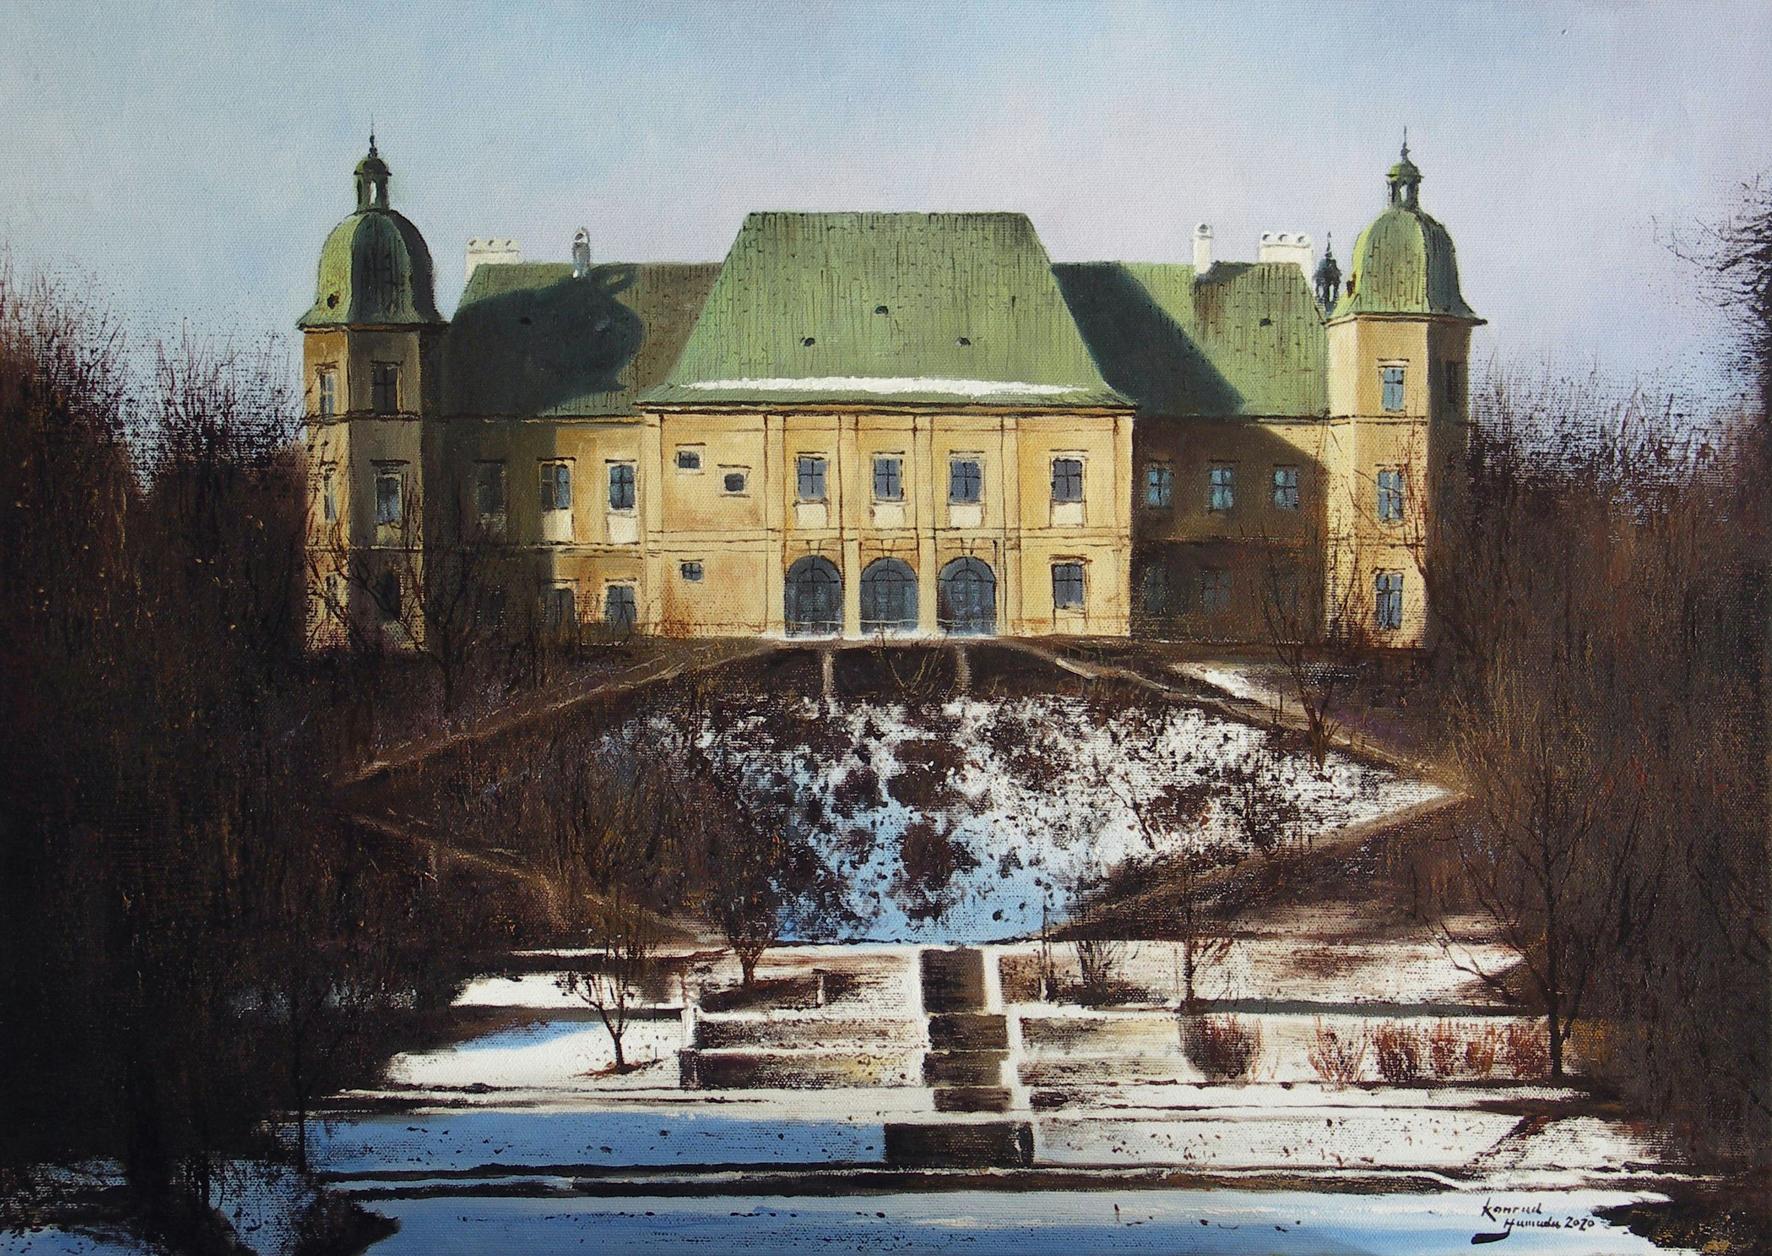 Zamek Ujazdowski w marcu, 2020